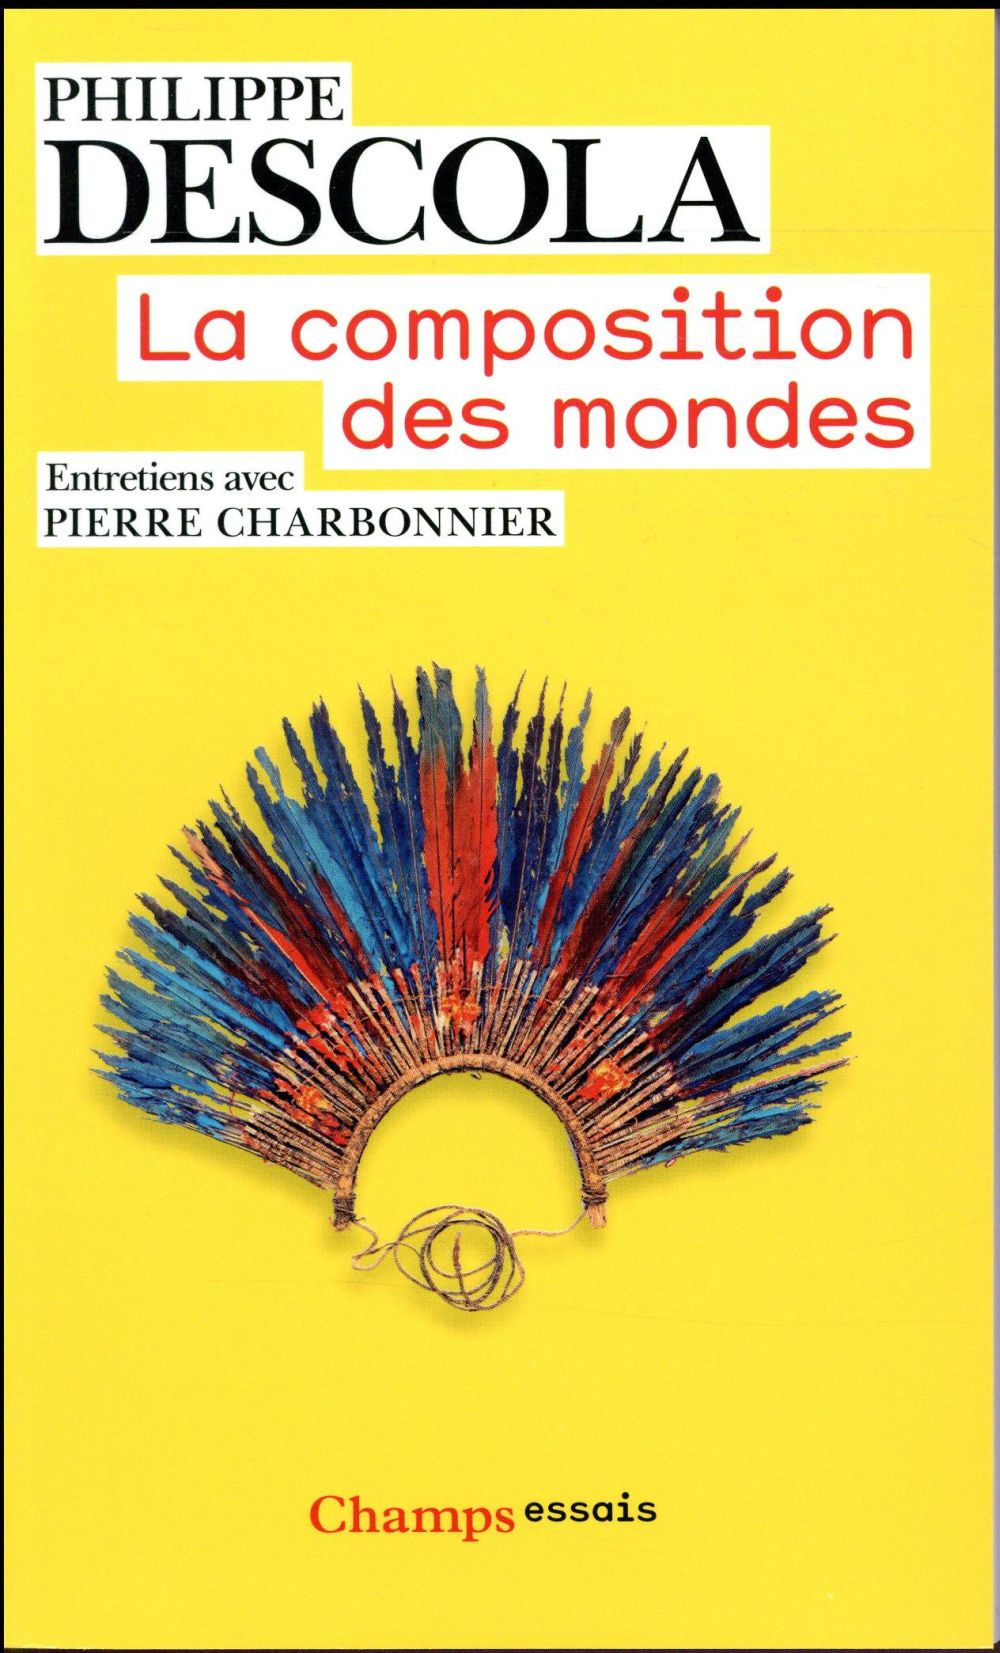 LA COMPOSITION DES MONDES